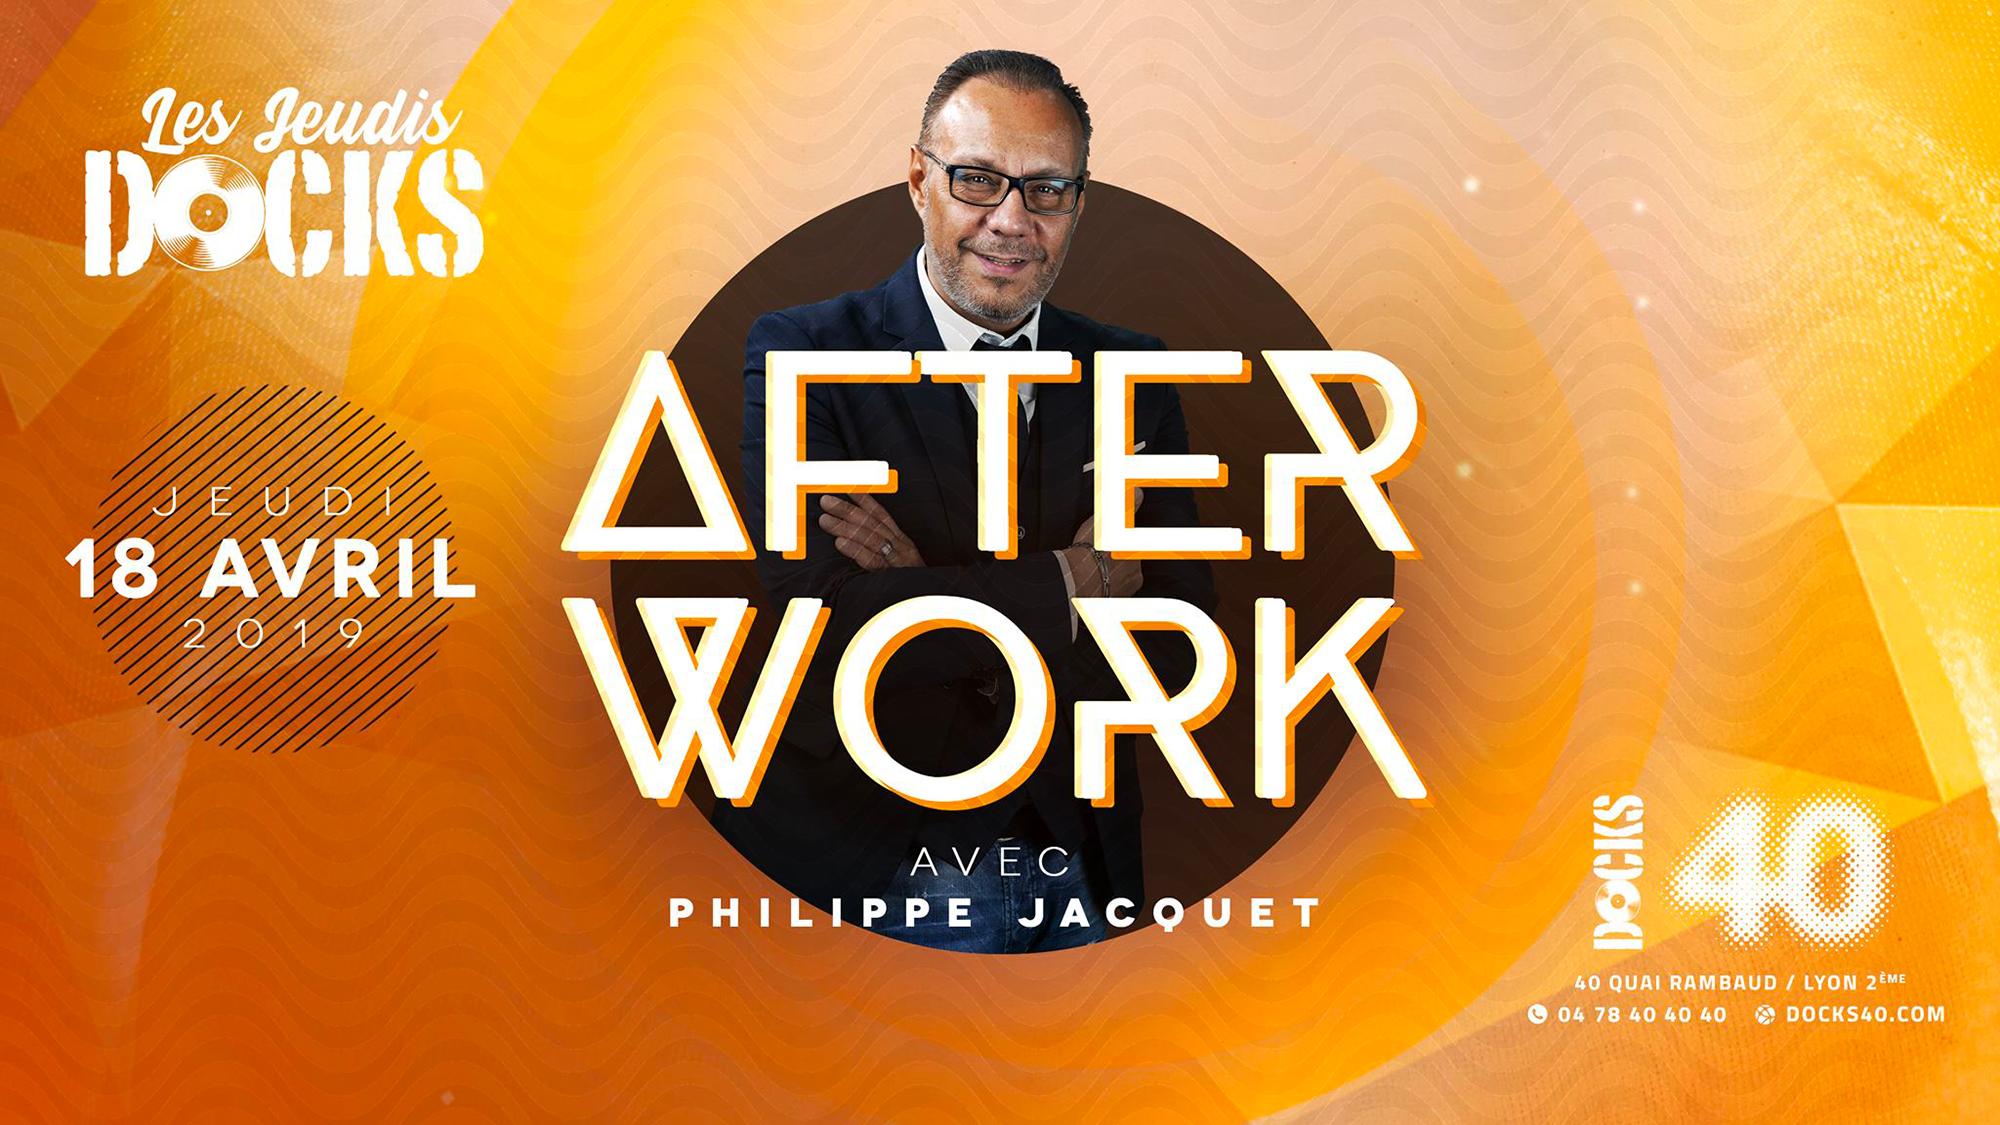 L'afterwork avec Philippe Jacquet